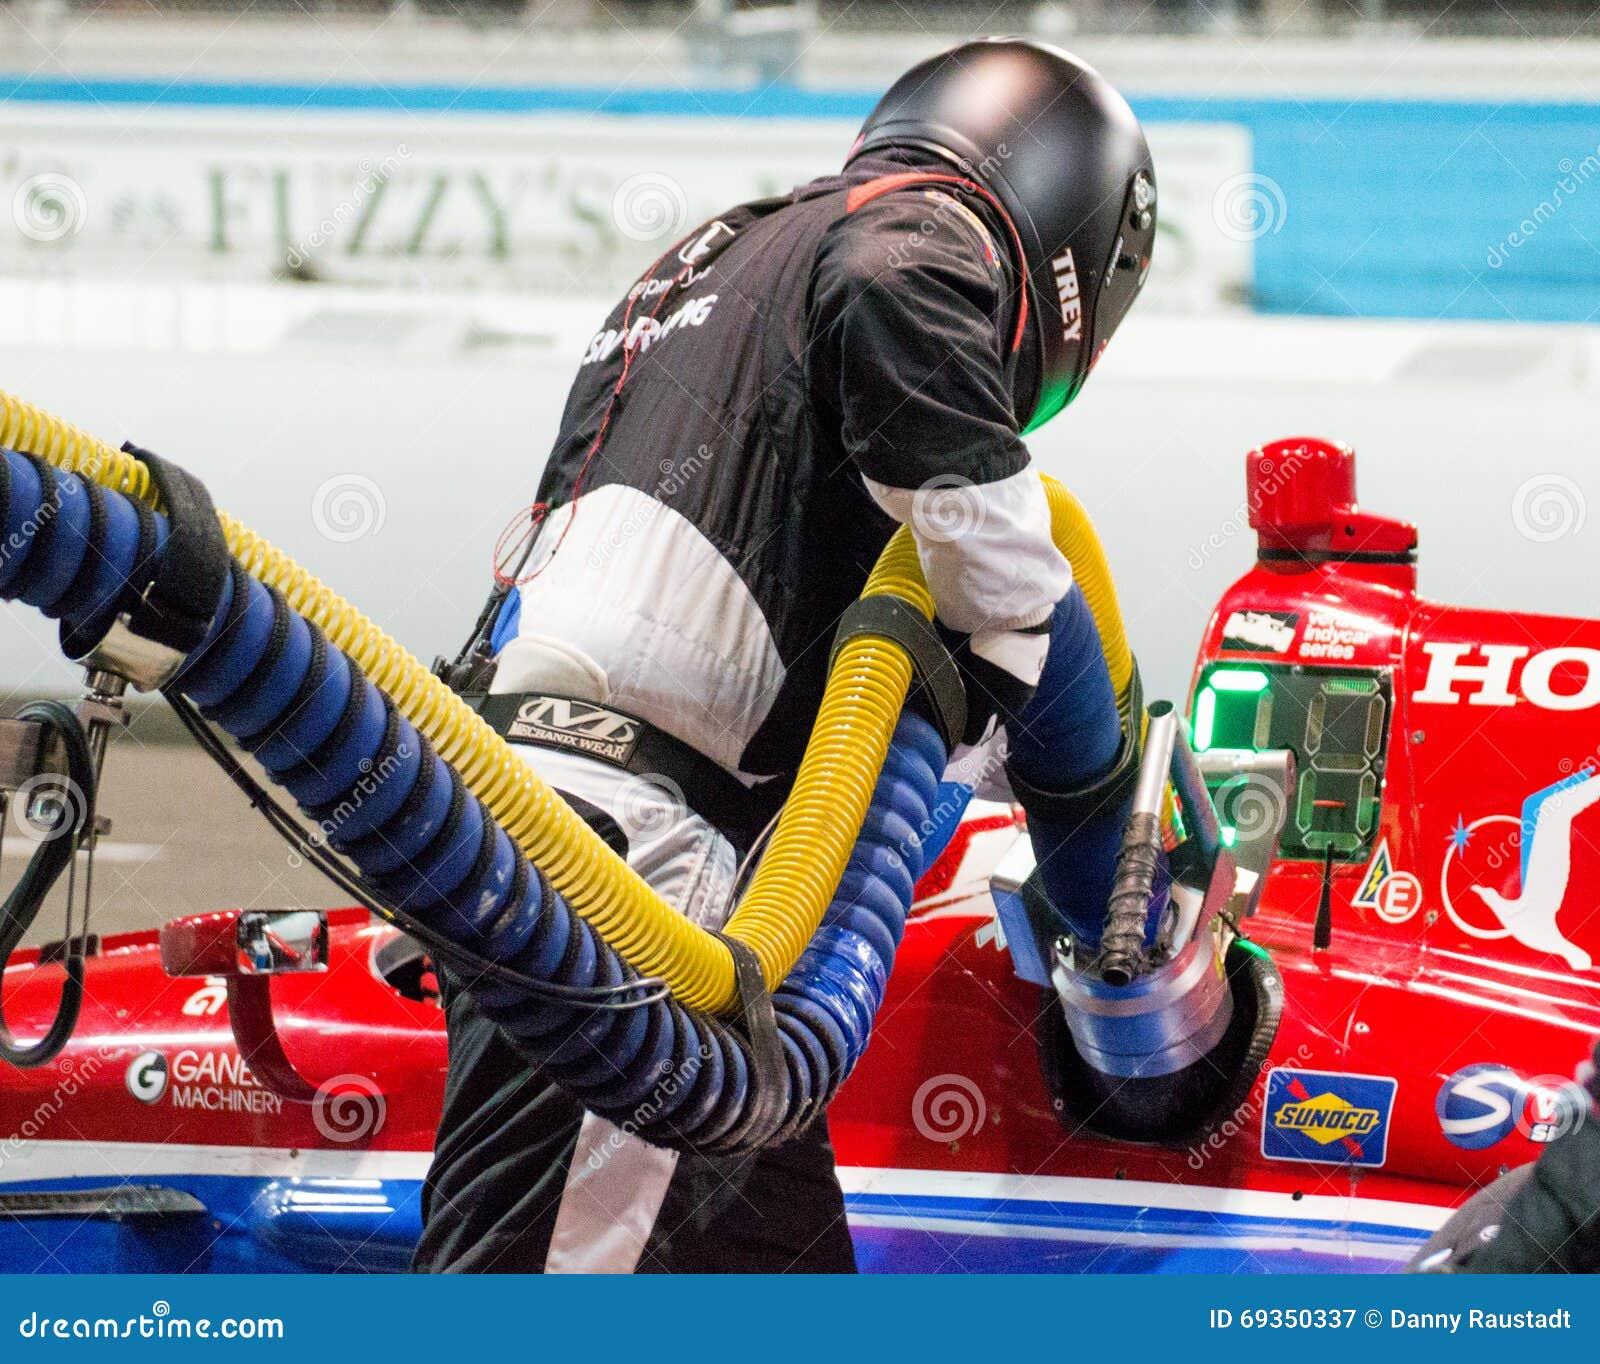 Indy Car Fuel Pit Stop